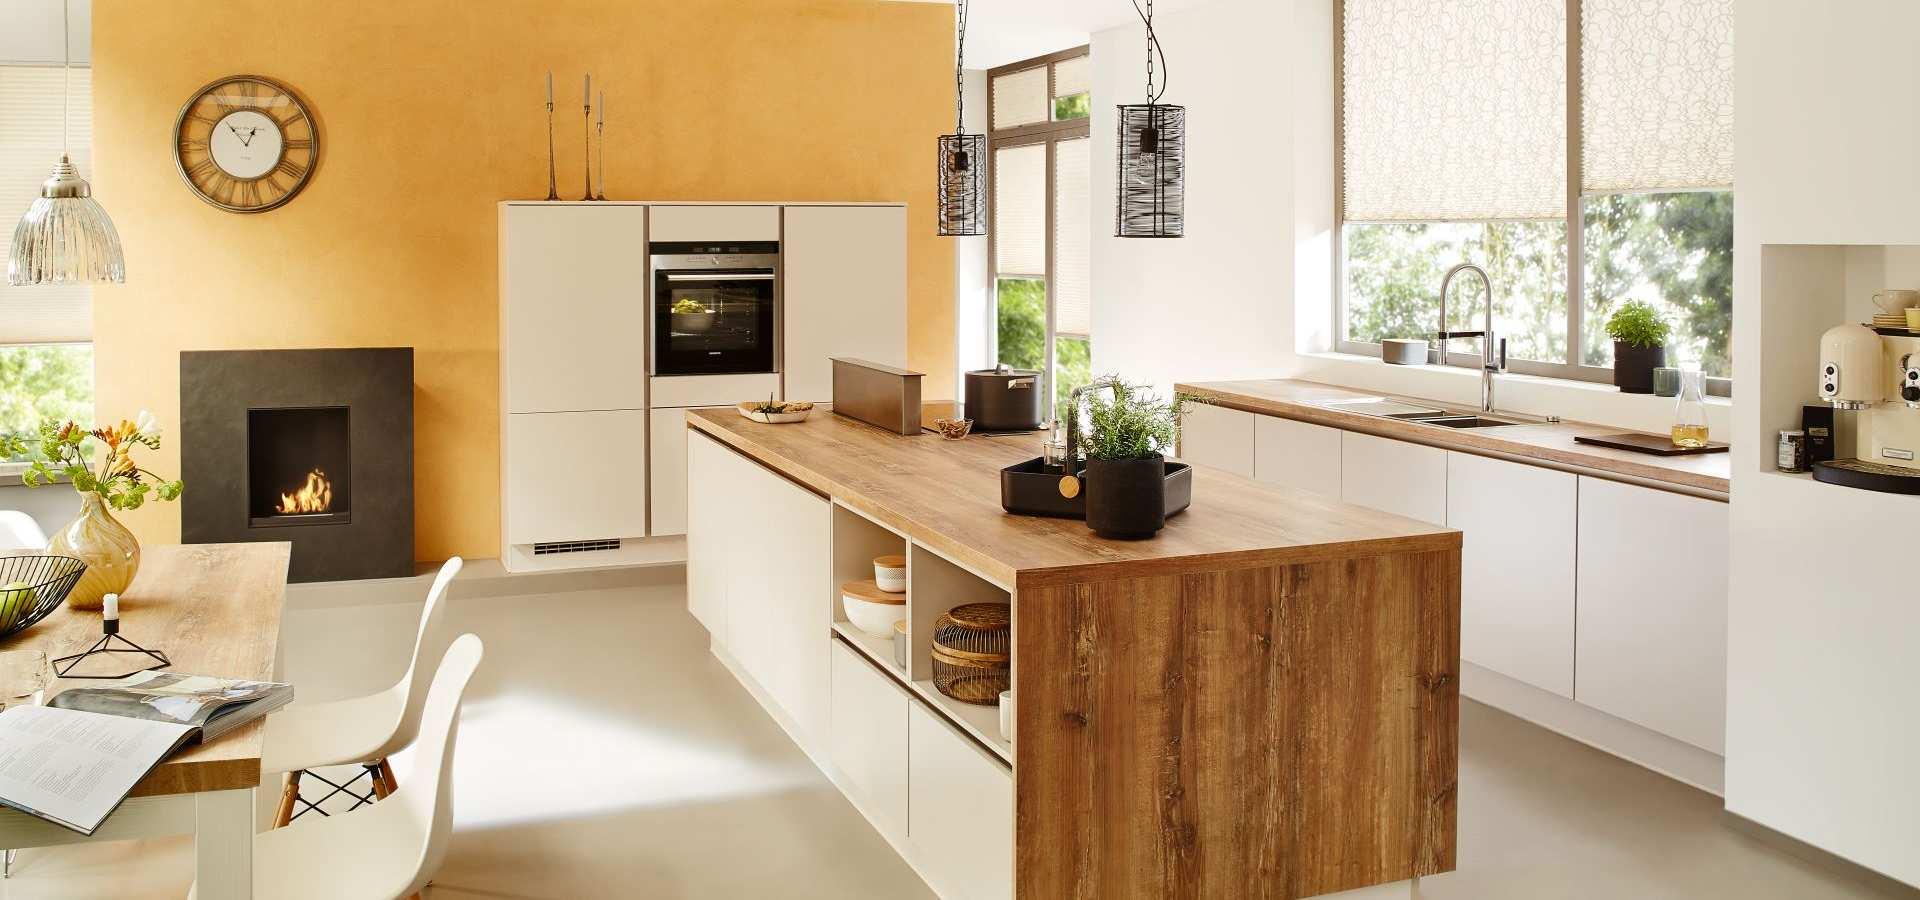 Bild Küche Plissees gelb